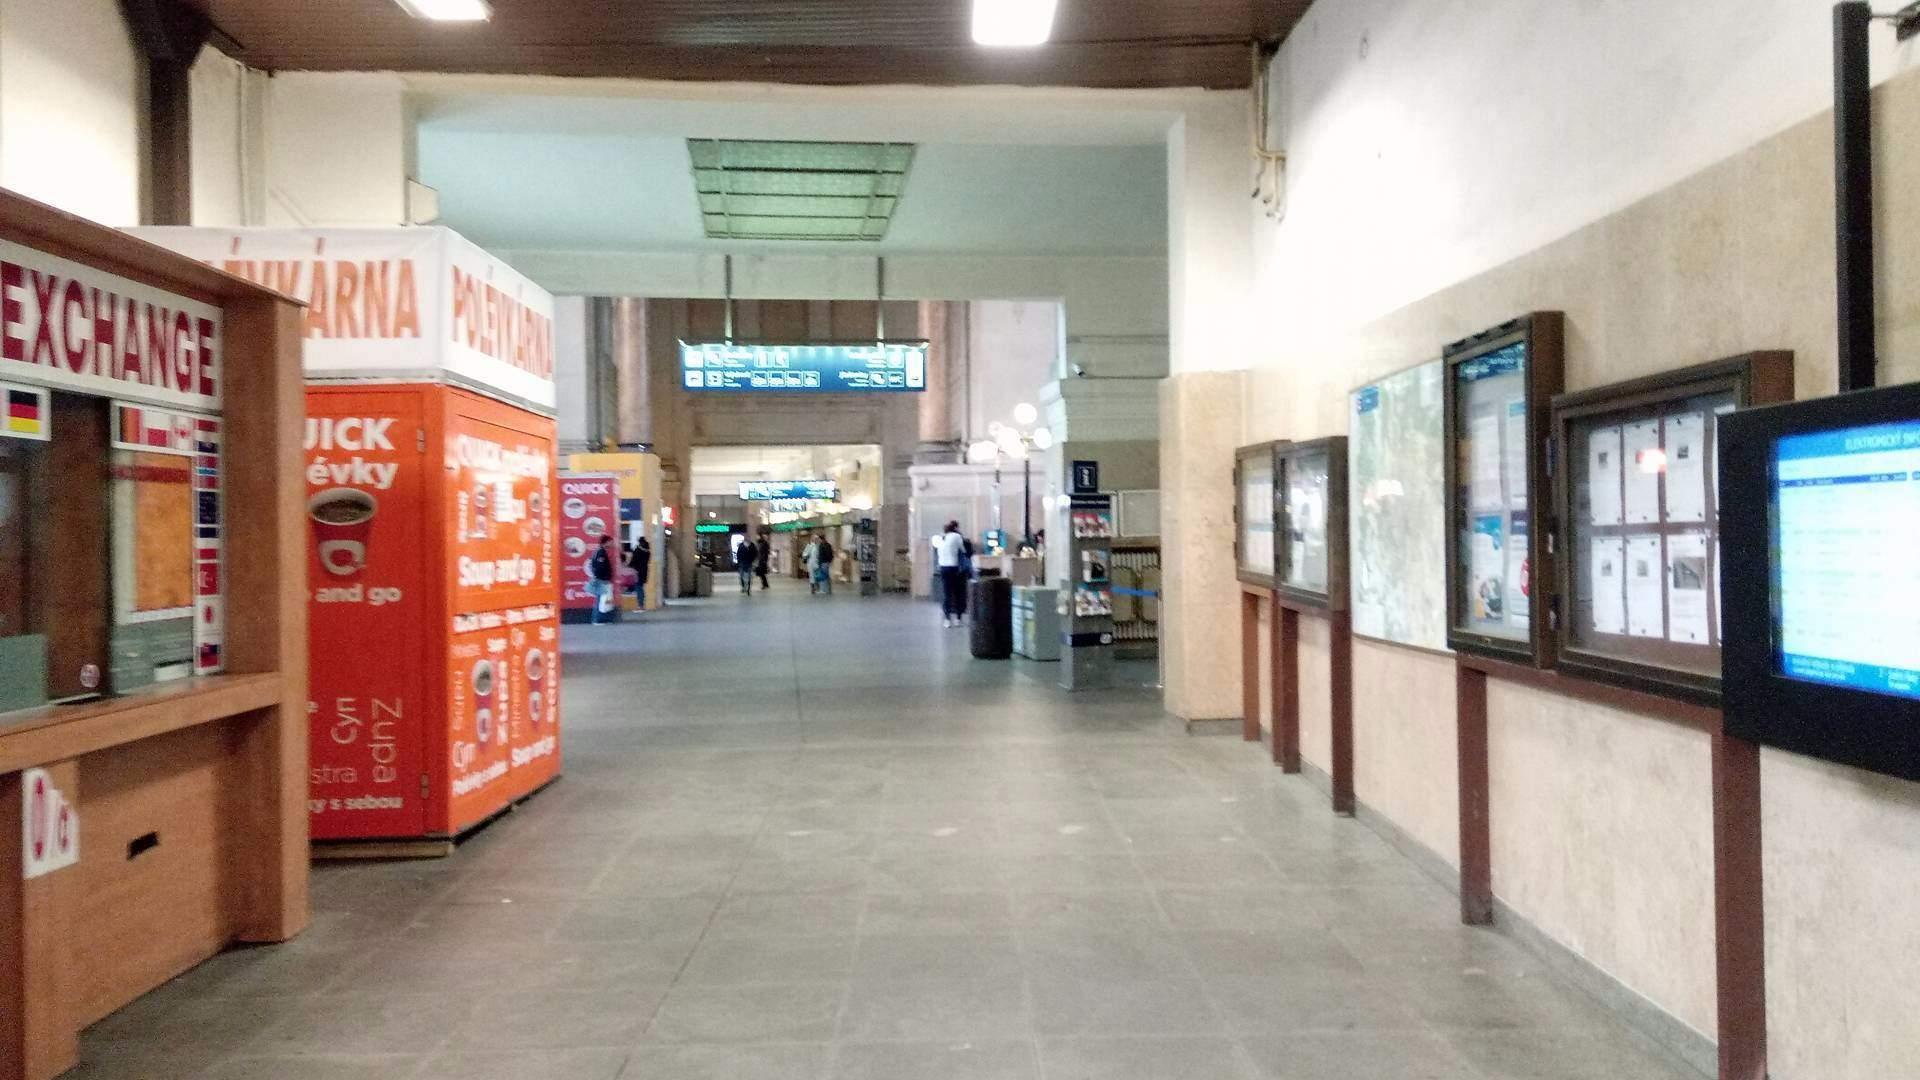 Hlavná stanica je často prvým miestom, ktoré cudzinci v Brne navštívia.